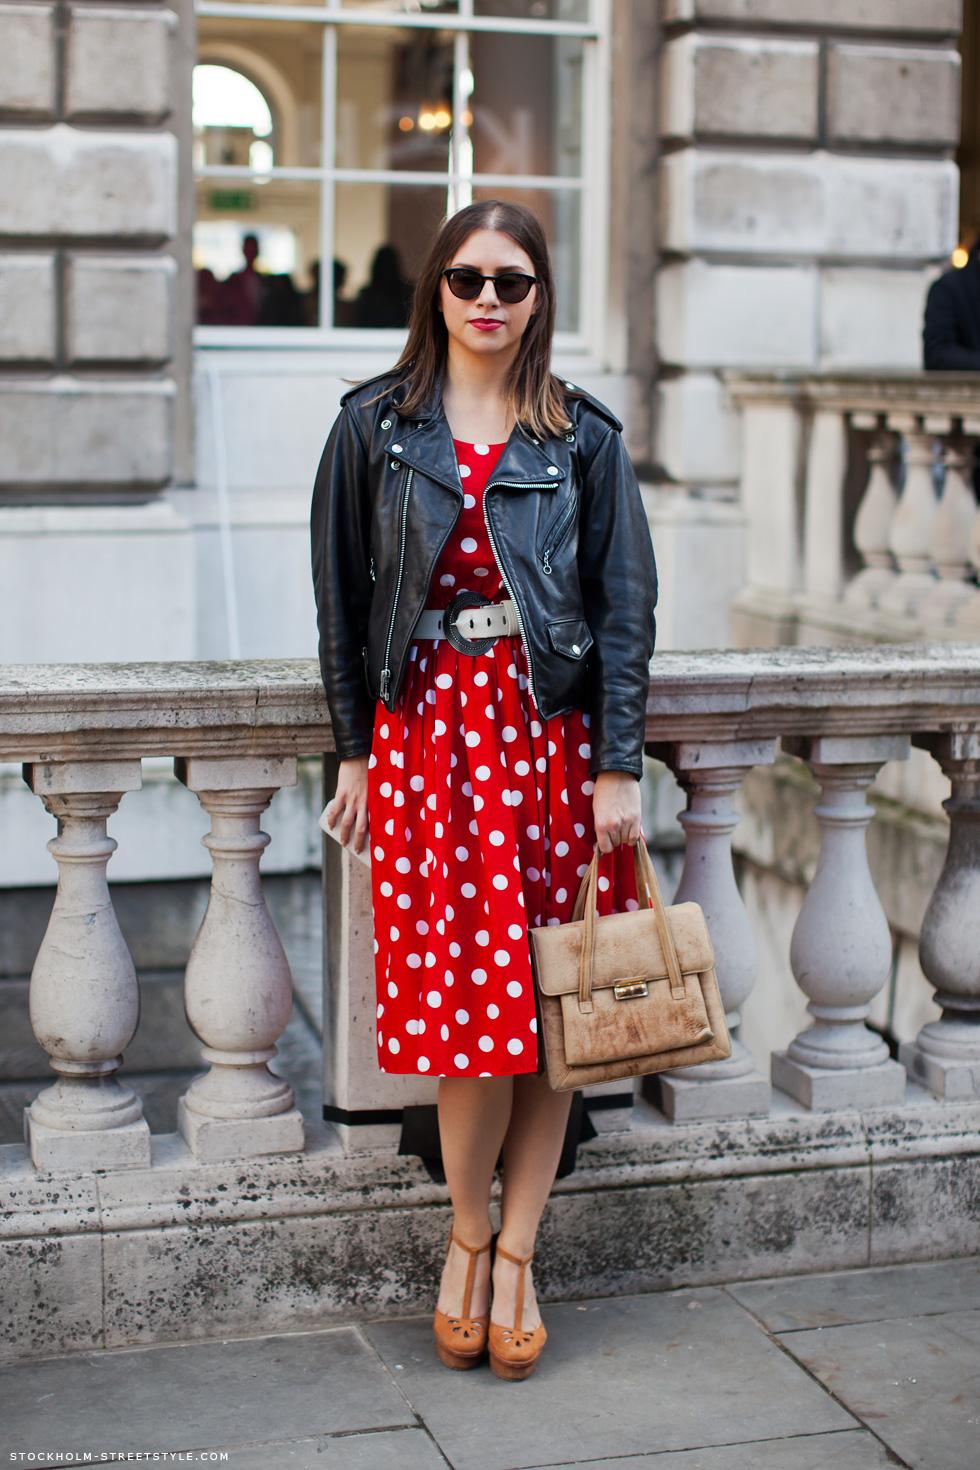 Страстное платье красного цвета в белый горошек и с интересным сочетанием с курткой косухой - фото новинки и тренды сезона